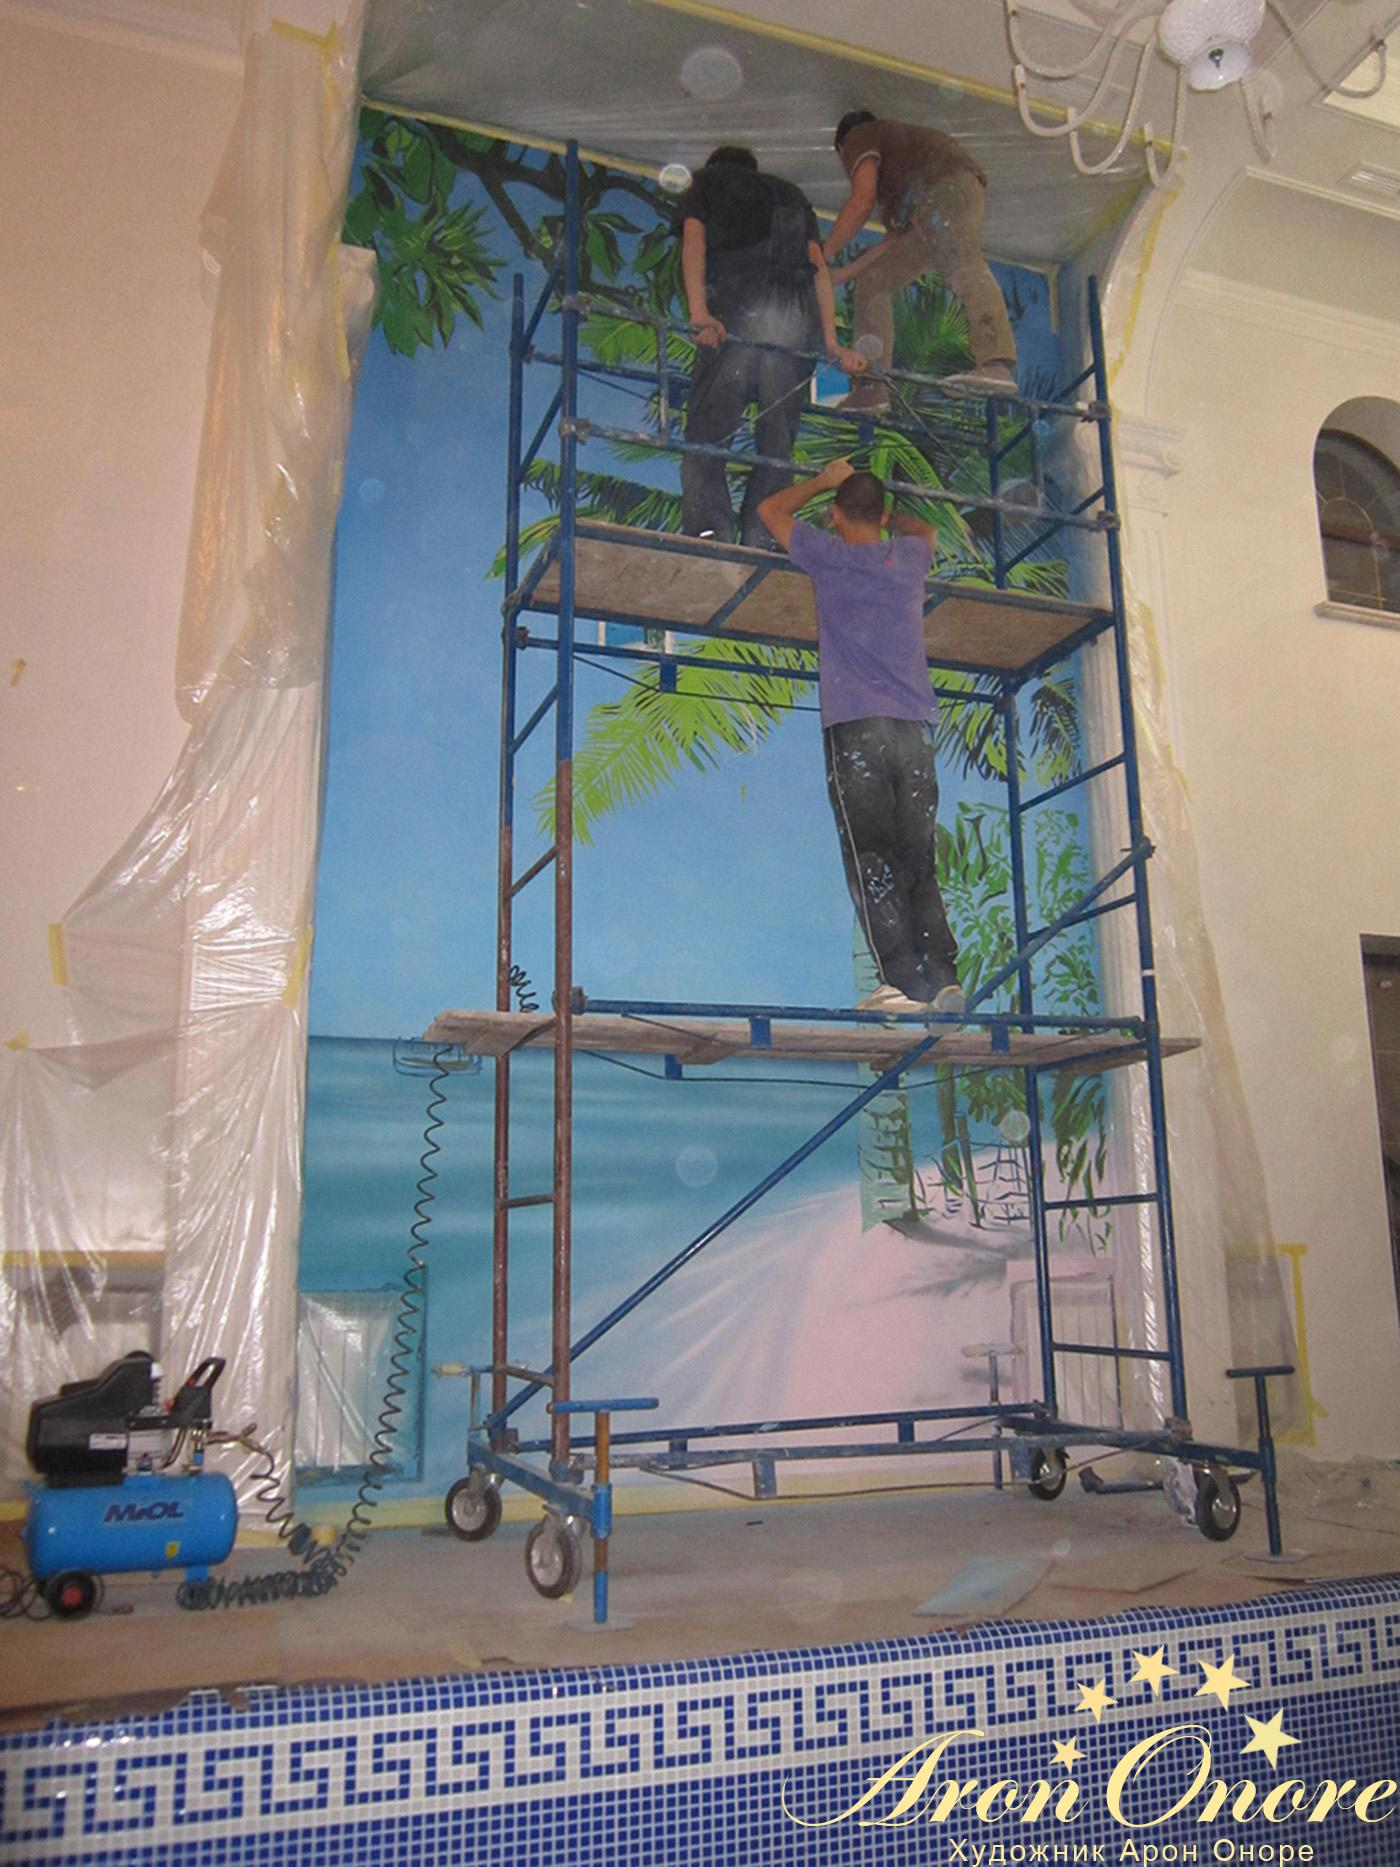 Художники аэрографы создают рисунок на стене в частном доме